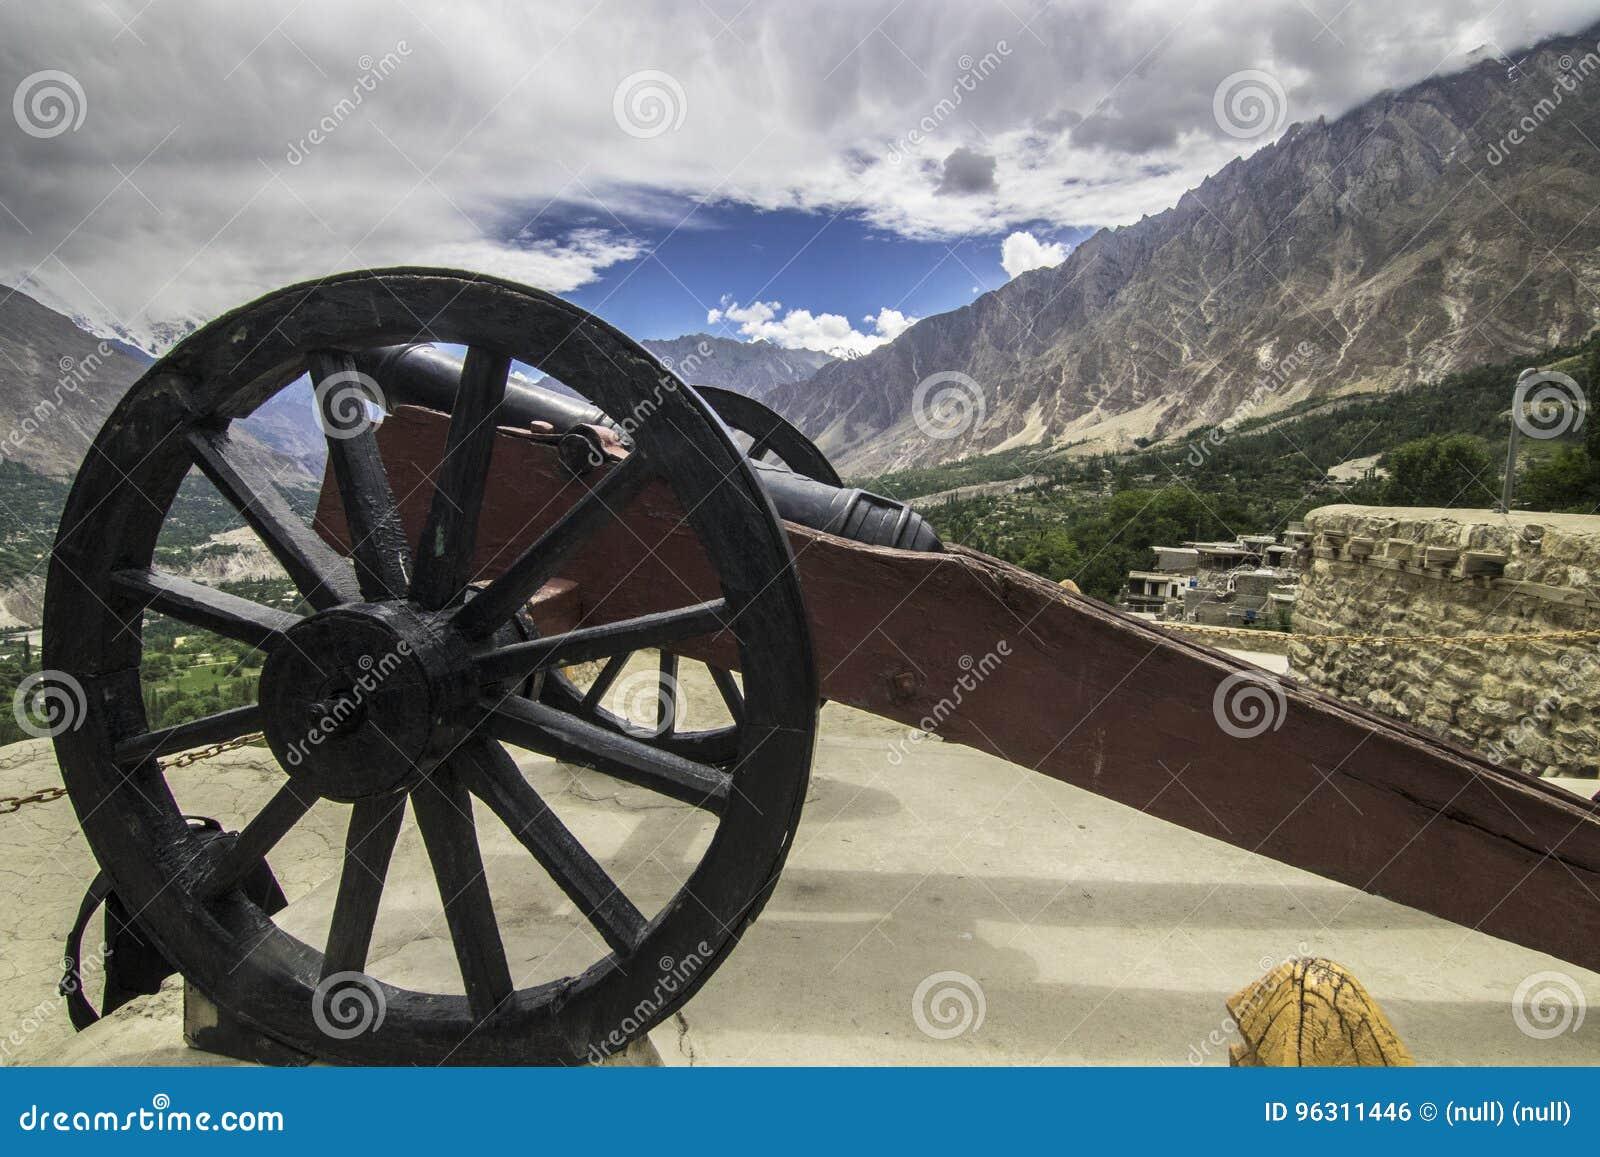 EIN antikes Kanonfeuer ist Plätze heraus mit Seiten versehen das baltit Fort, hunza pakistan